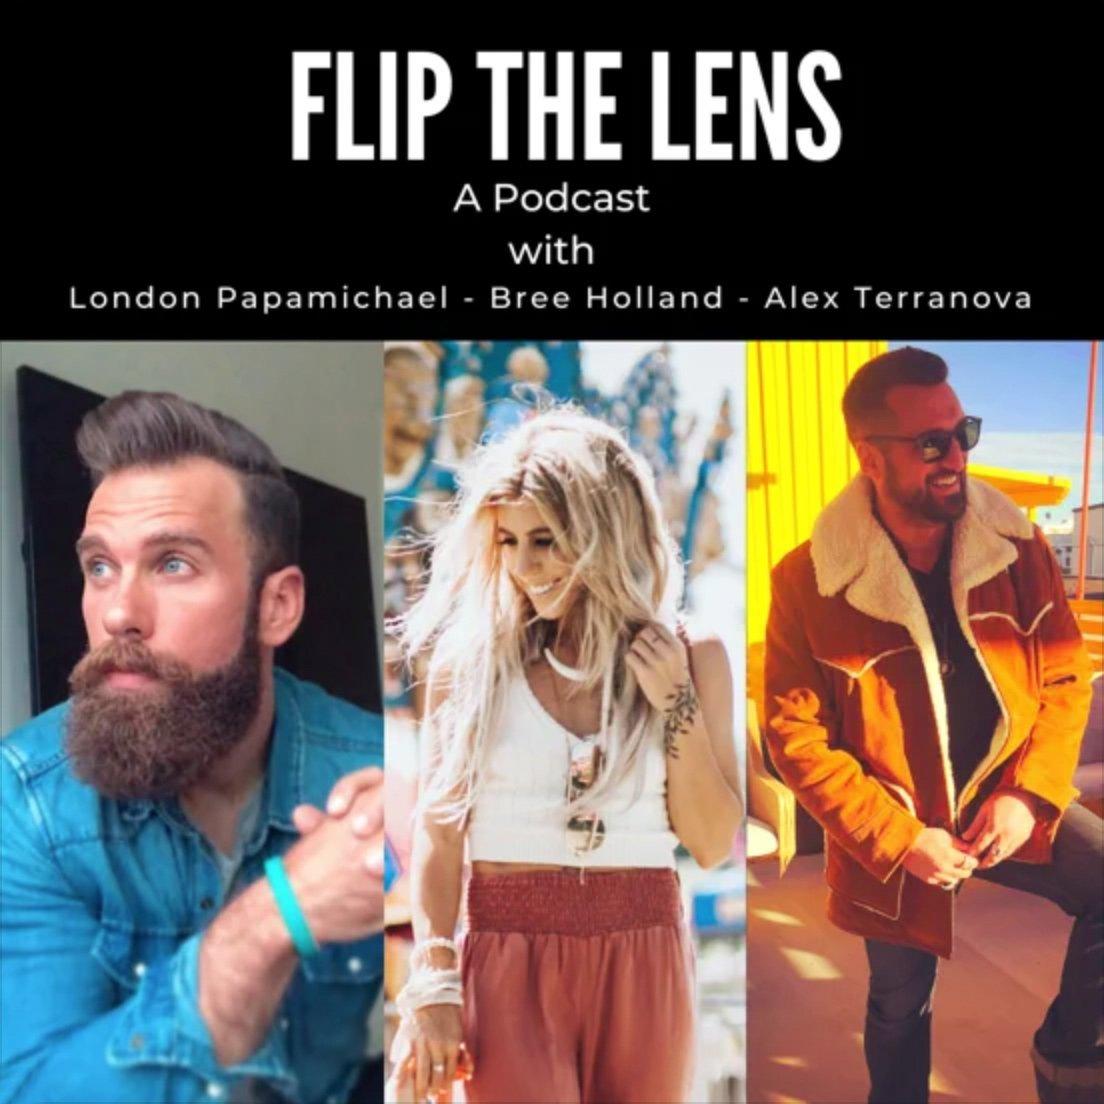 Flip The Lens